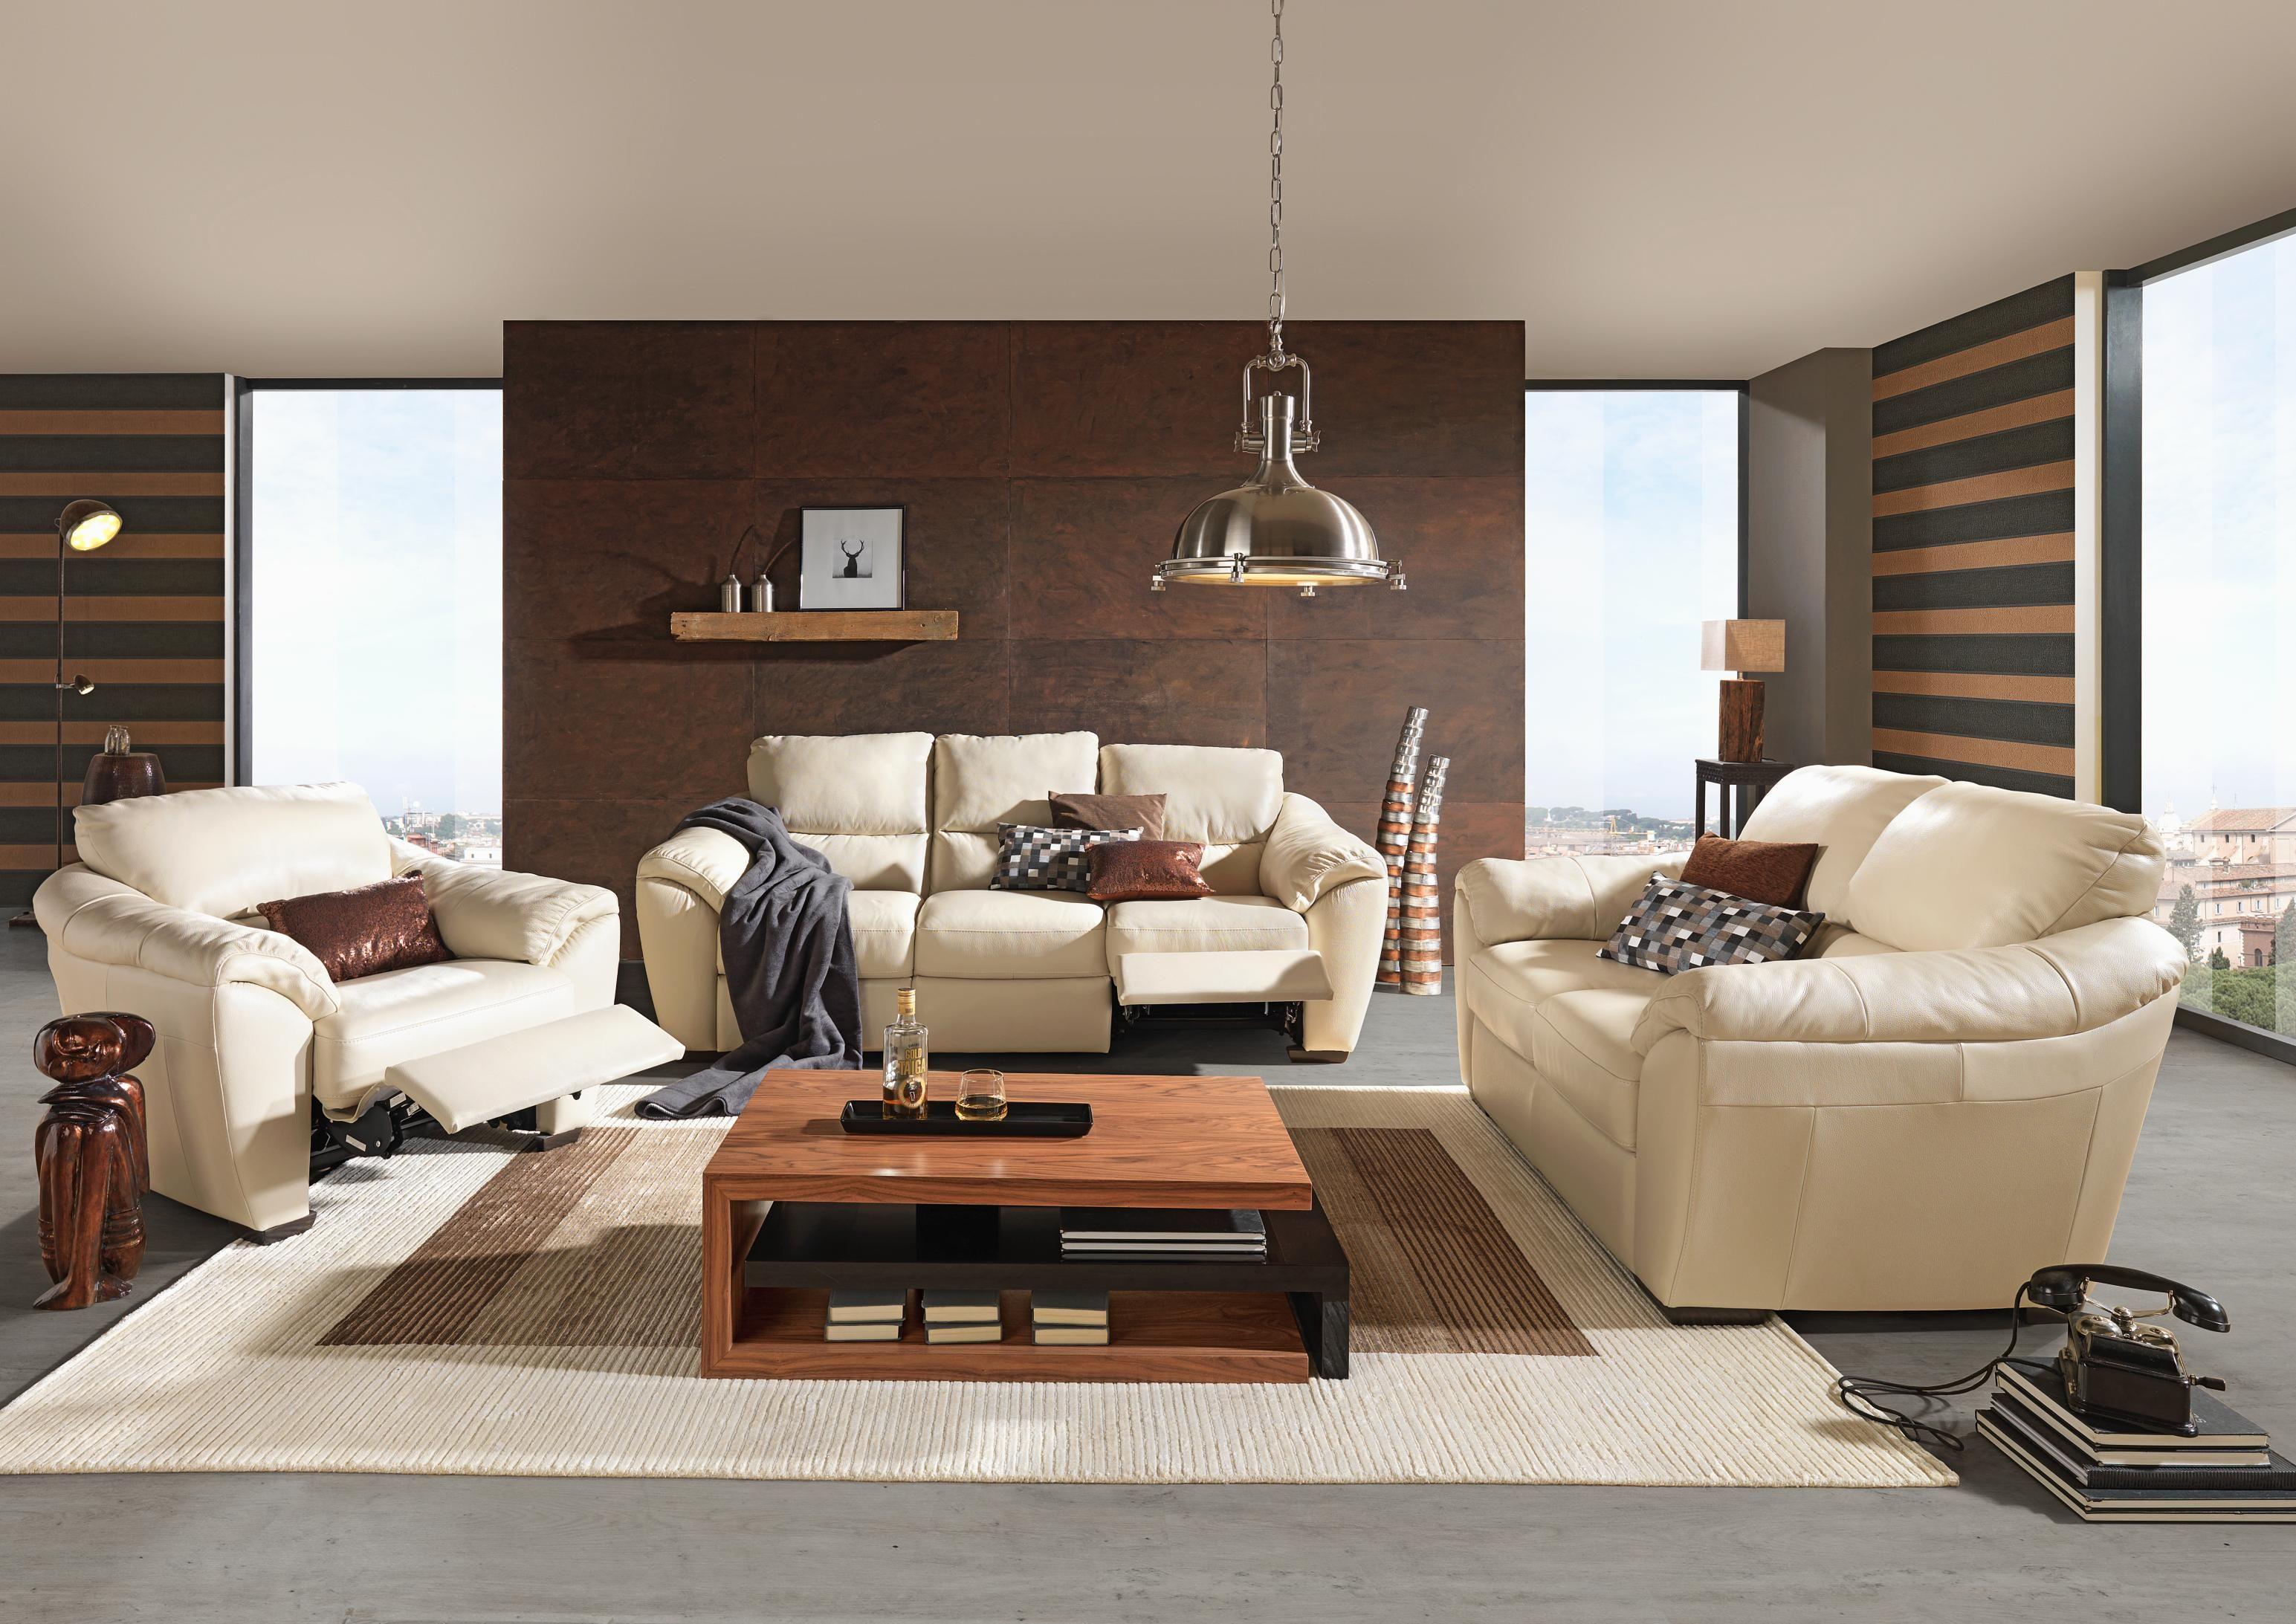 Sitzgarnitur Von Celina Home Mit Elegantem Lederbezug In Weiss Haus Sitzgarnitur Sitzen